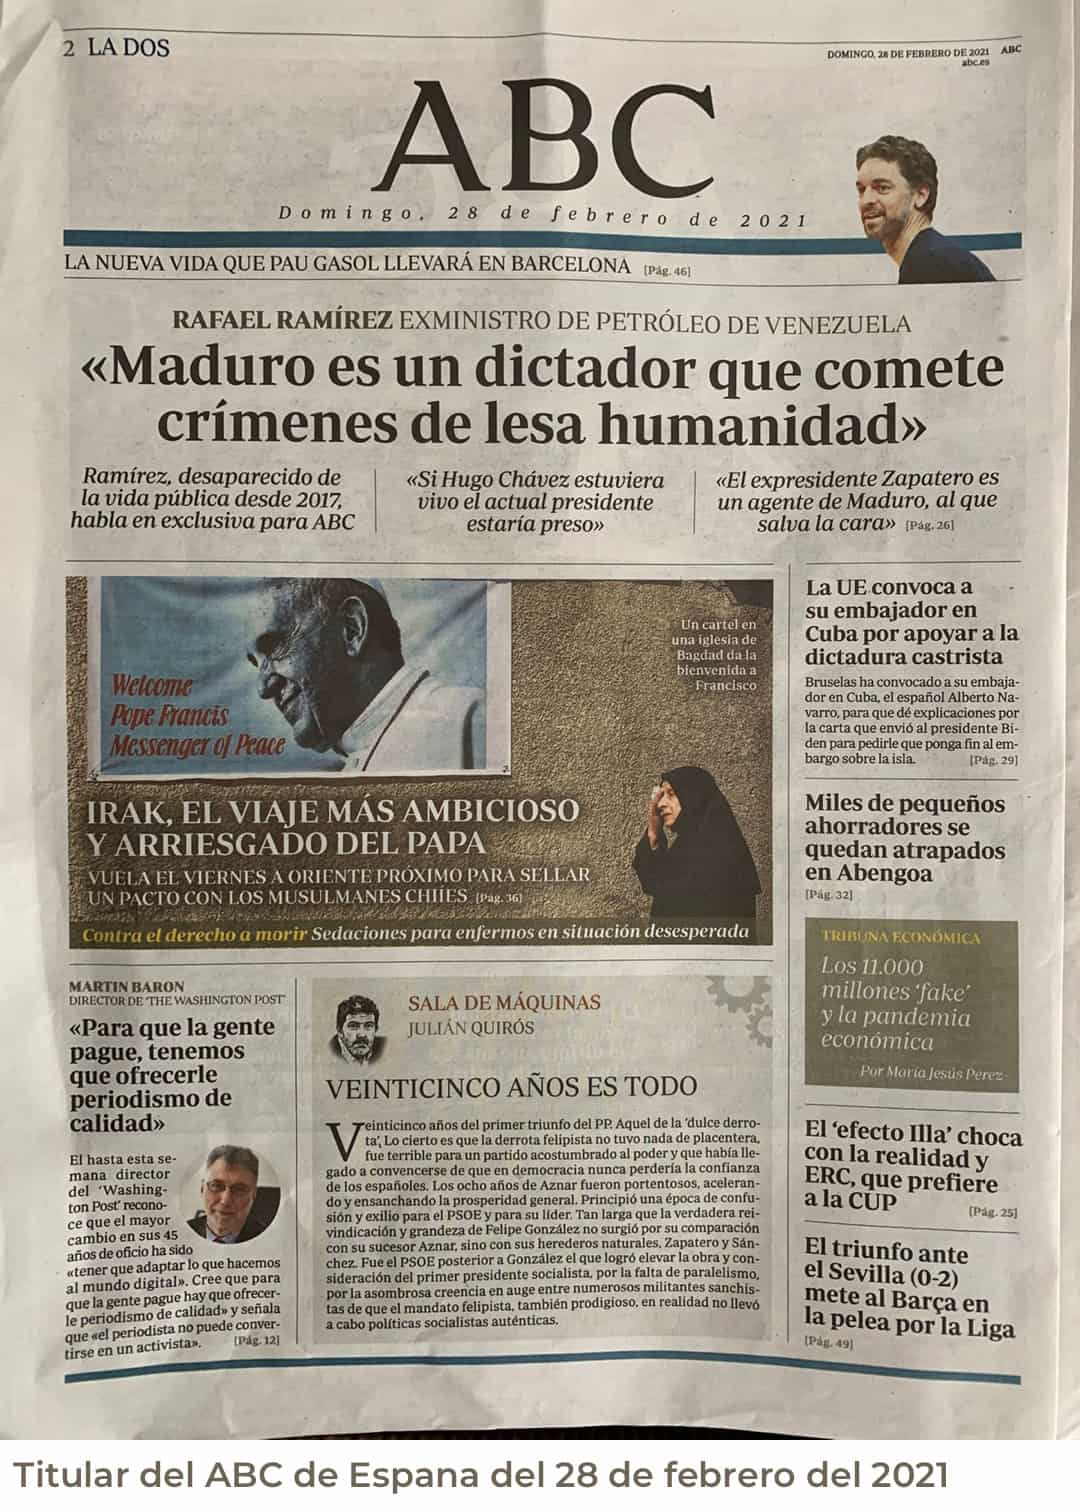 «Maduro es un dictador que comete crímenes de lesa humanidad»